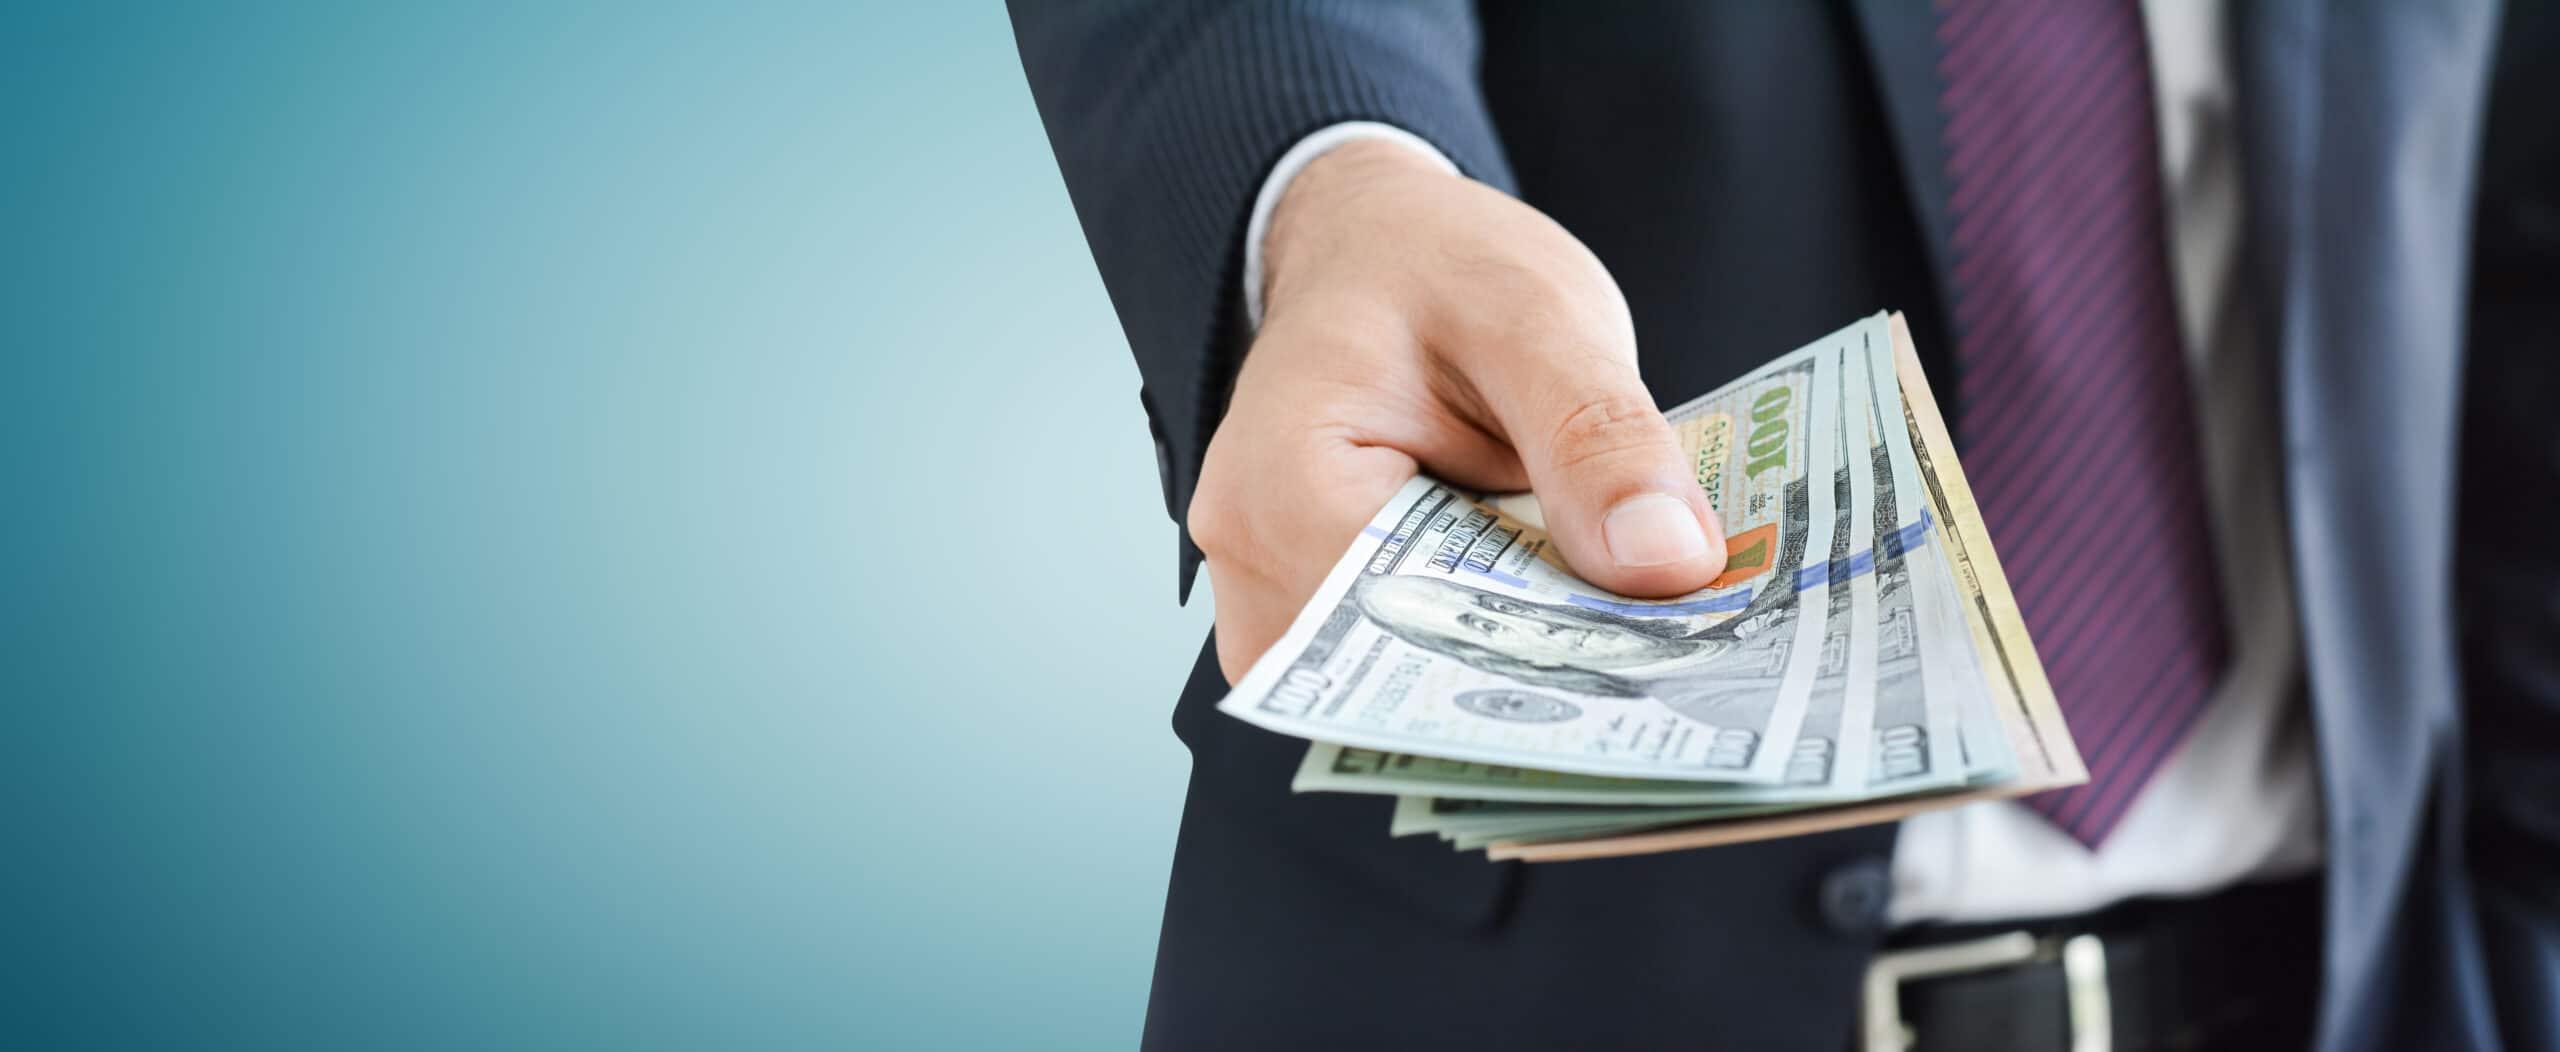 Executivo com dinheiro na mão